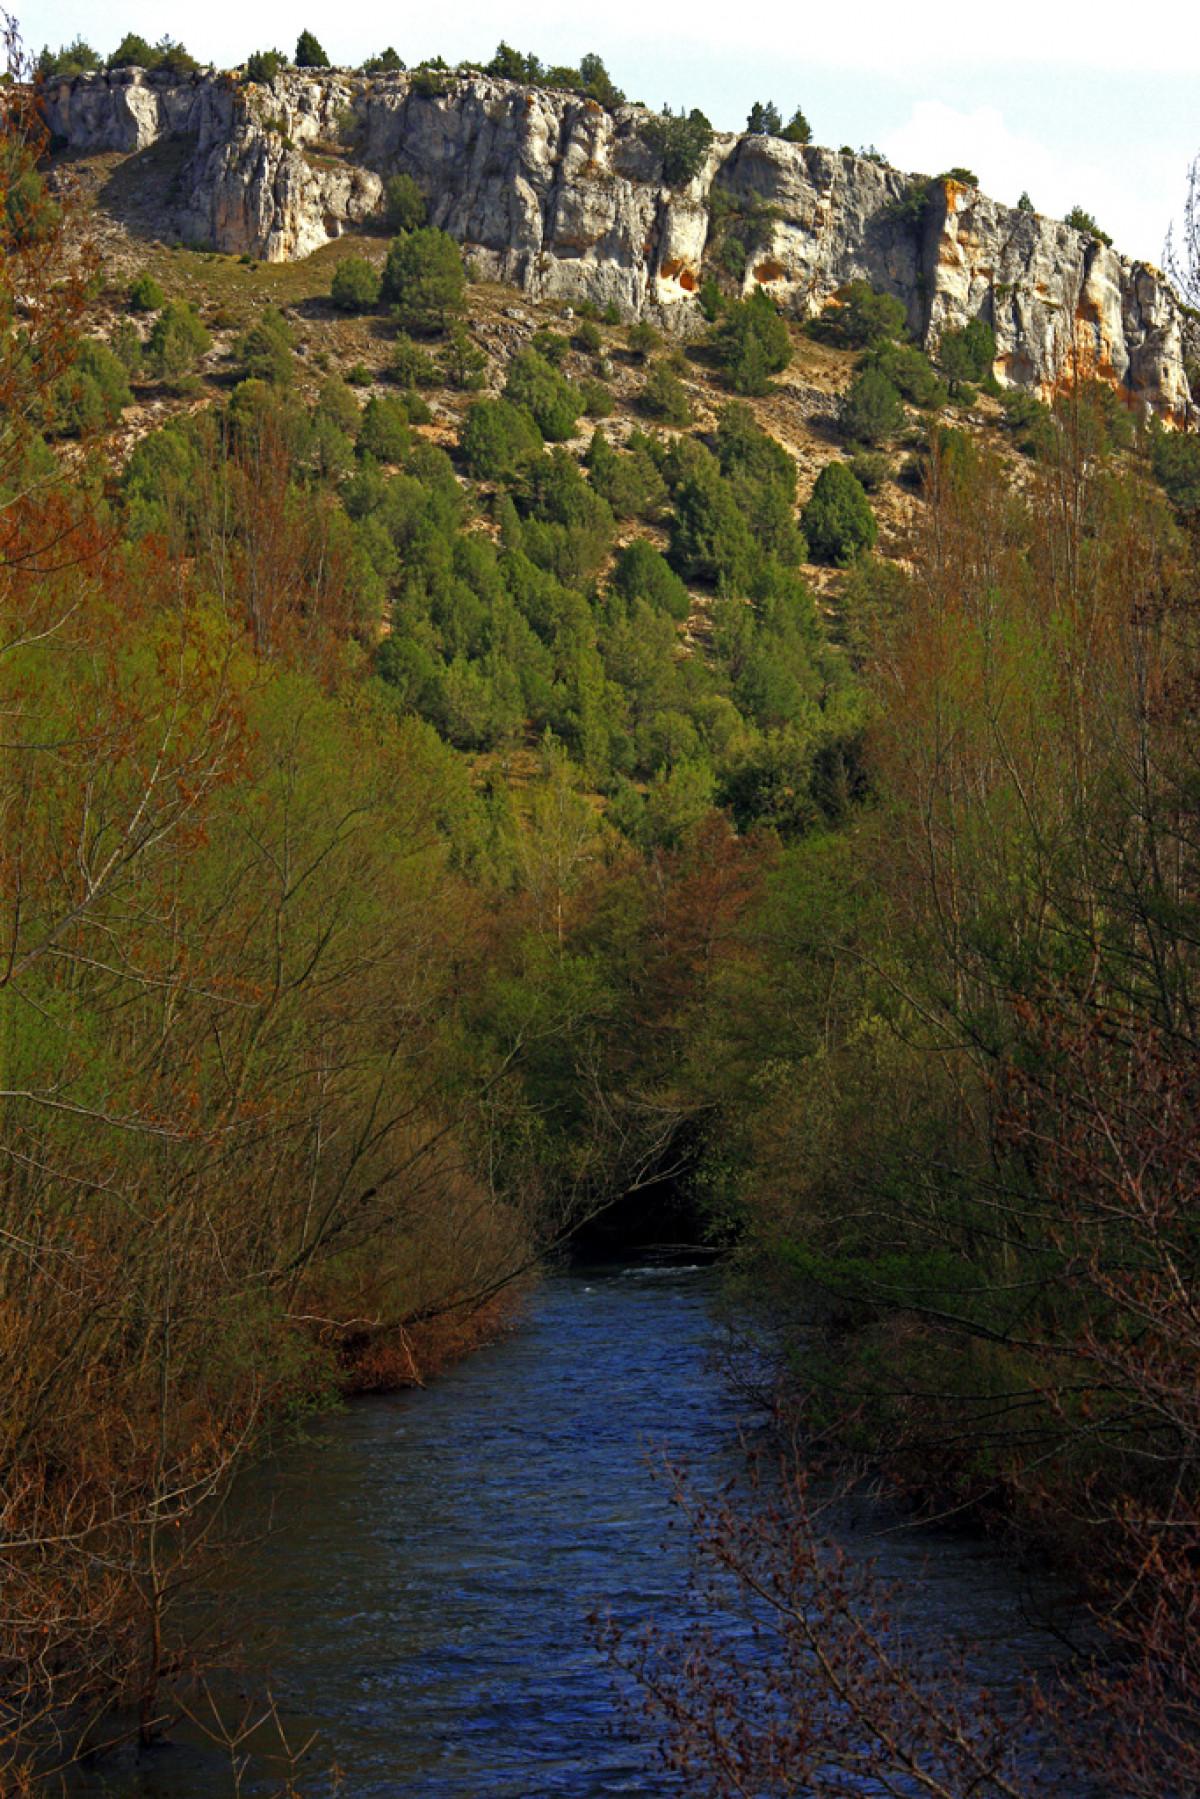 14 Sabinares de Arlanza. Rio Arlanza